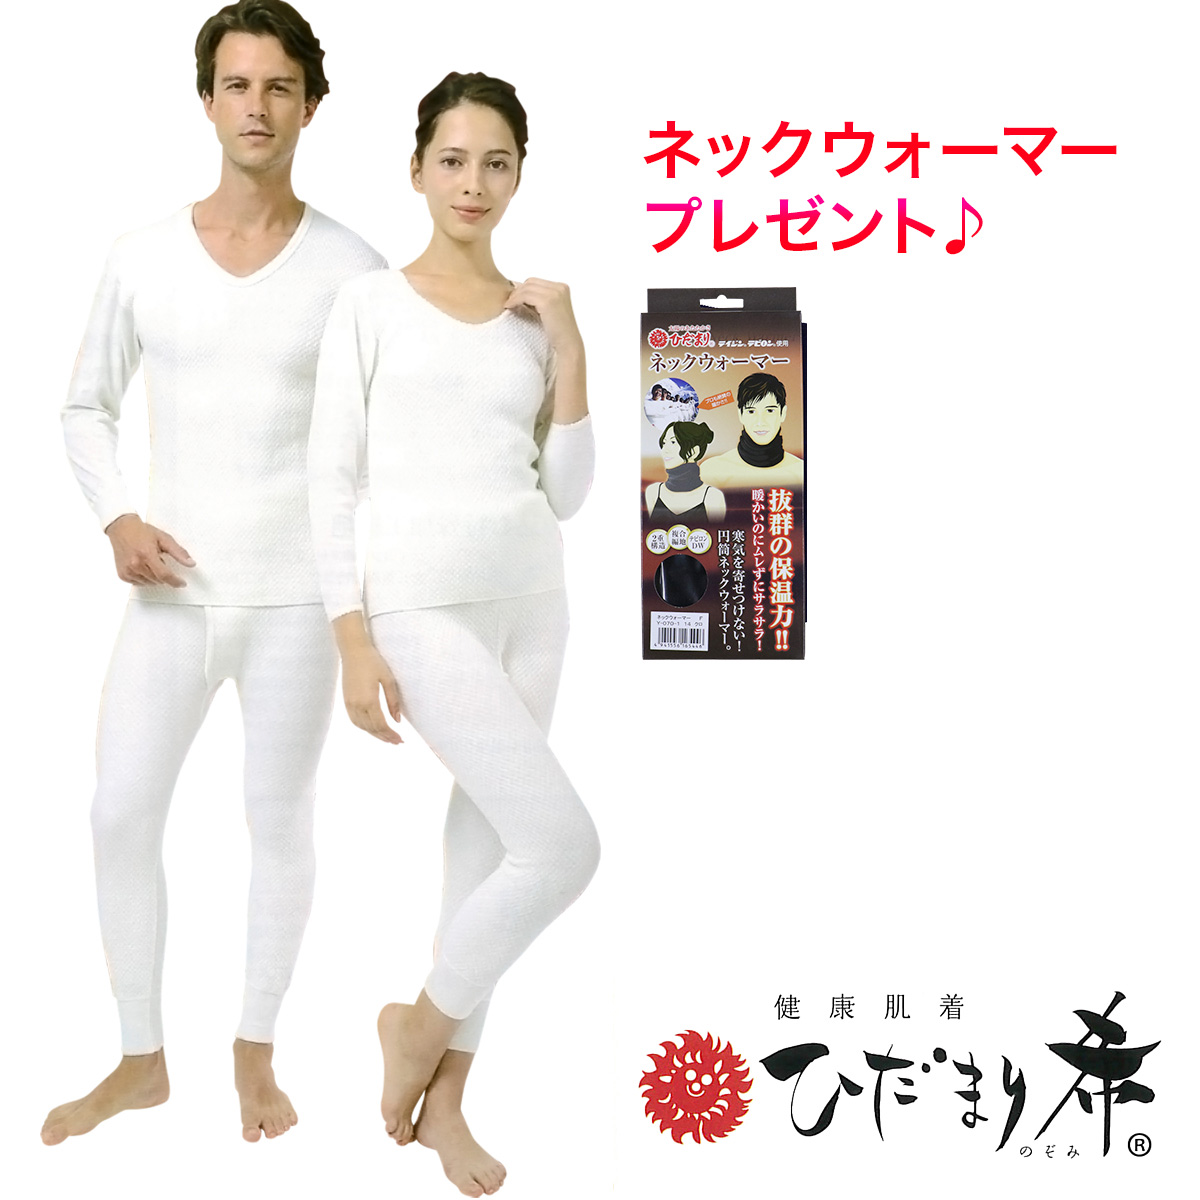 ひだまり 超あったか福袋「希」 肌着上下セット & ネックウォーマープレゼント メンズ レディース 日本製 長袖 冬 暖かい あったか あたたかい 紳士 婦人